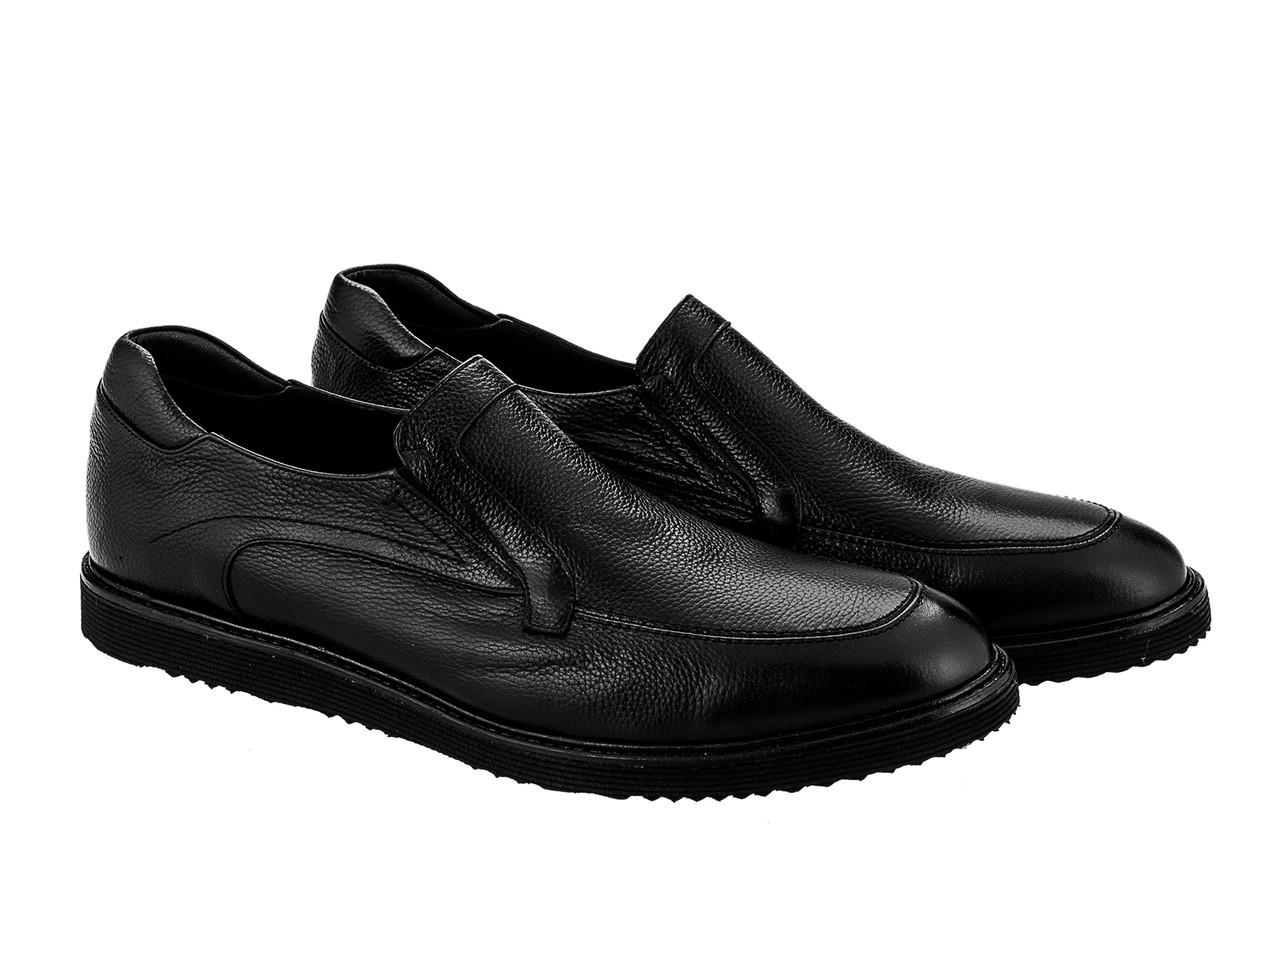 Туфли Etor 13273-100 48 черные